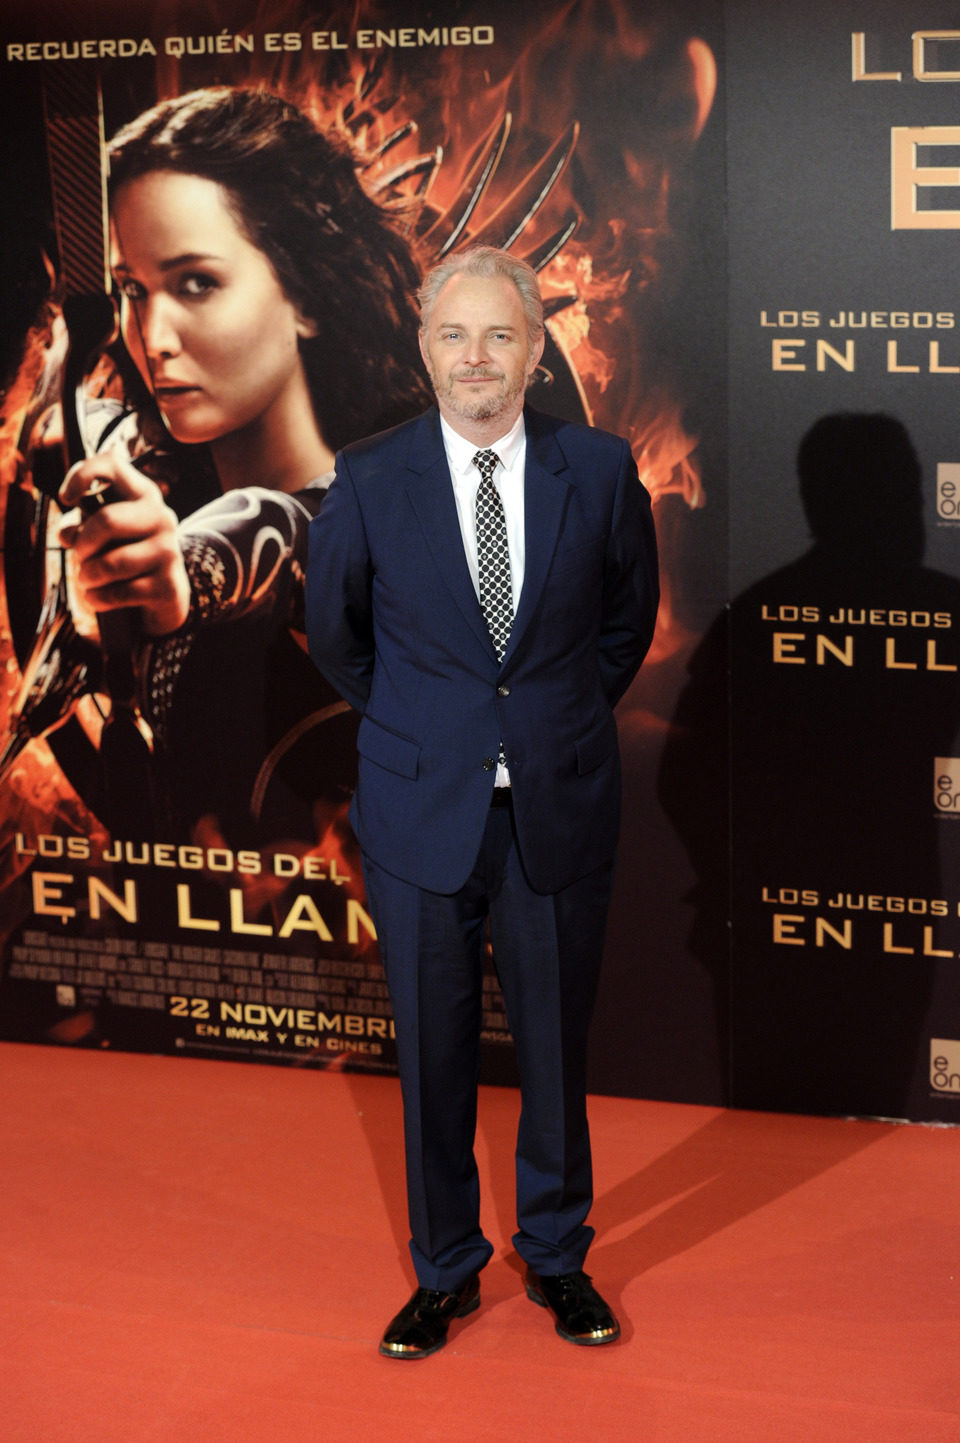 Francis Lawrence en la premiere de 'Los Juegos del Hambre: En llamas' en Madrid